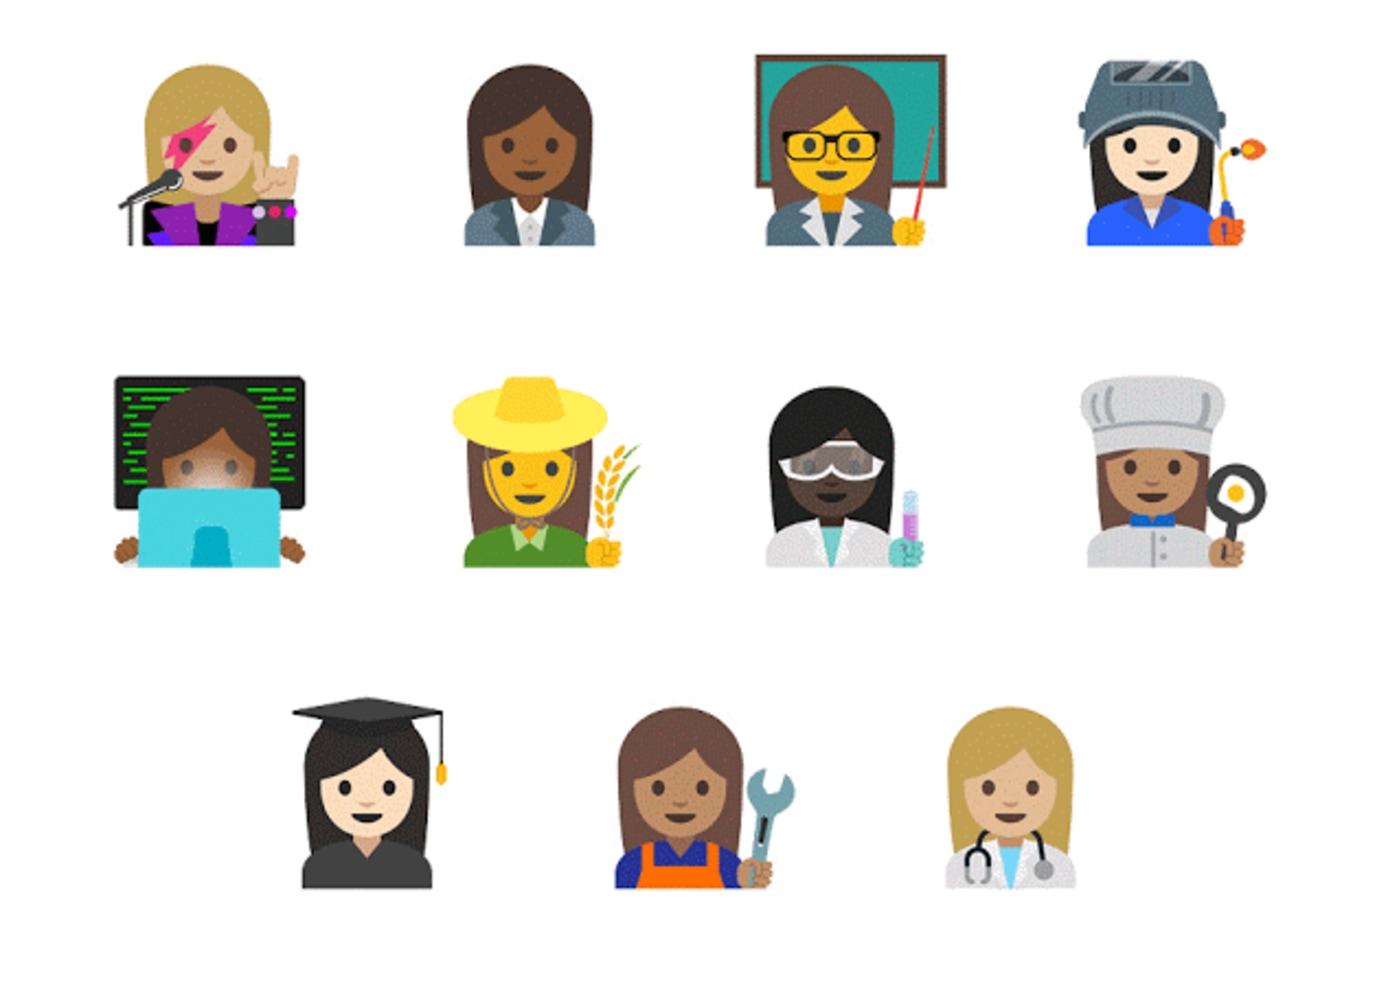 Women doctors, scientists, welders among 11 new emojis